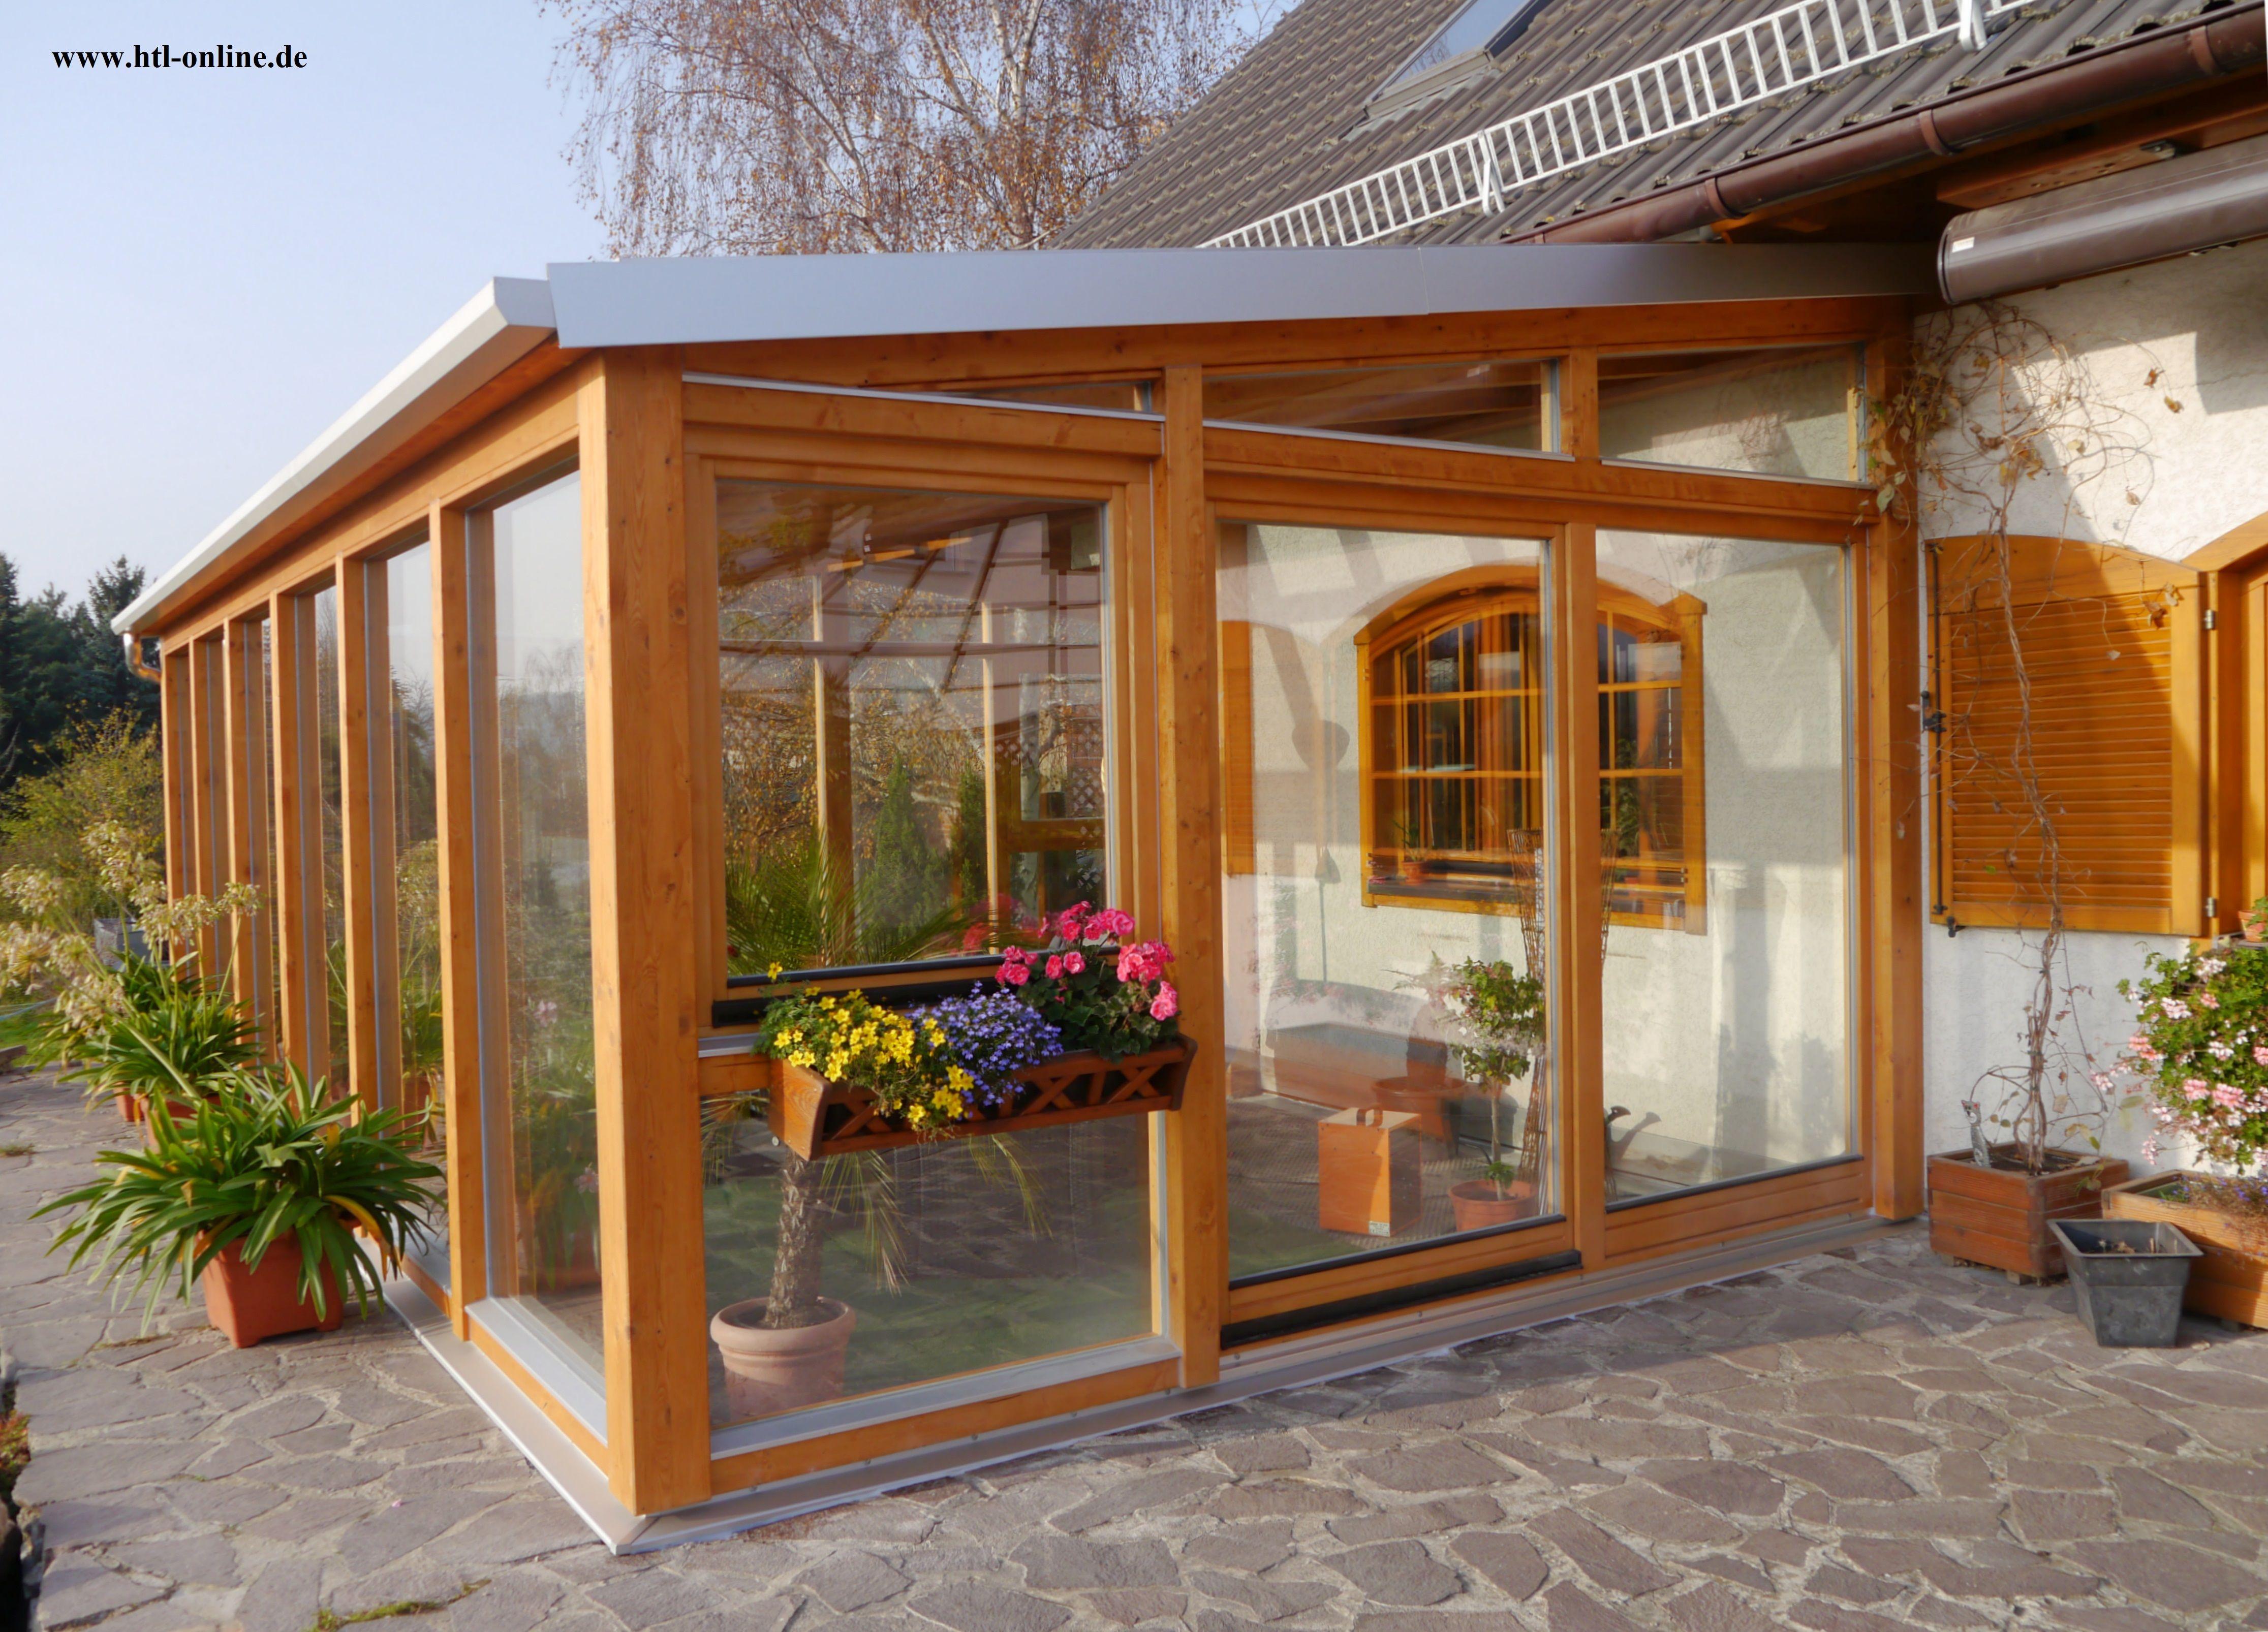 Wintergarten aus Holz - HTL #Holztechnik #Holz #Arbeit mit